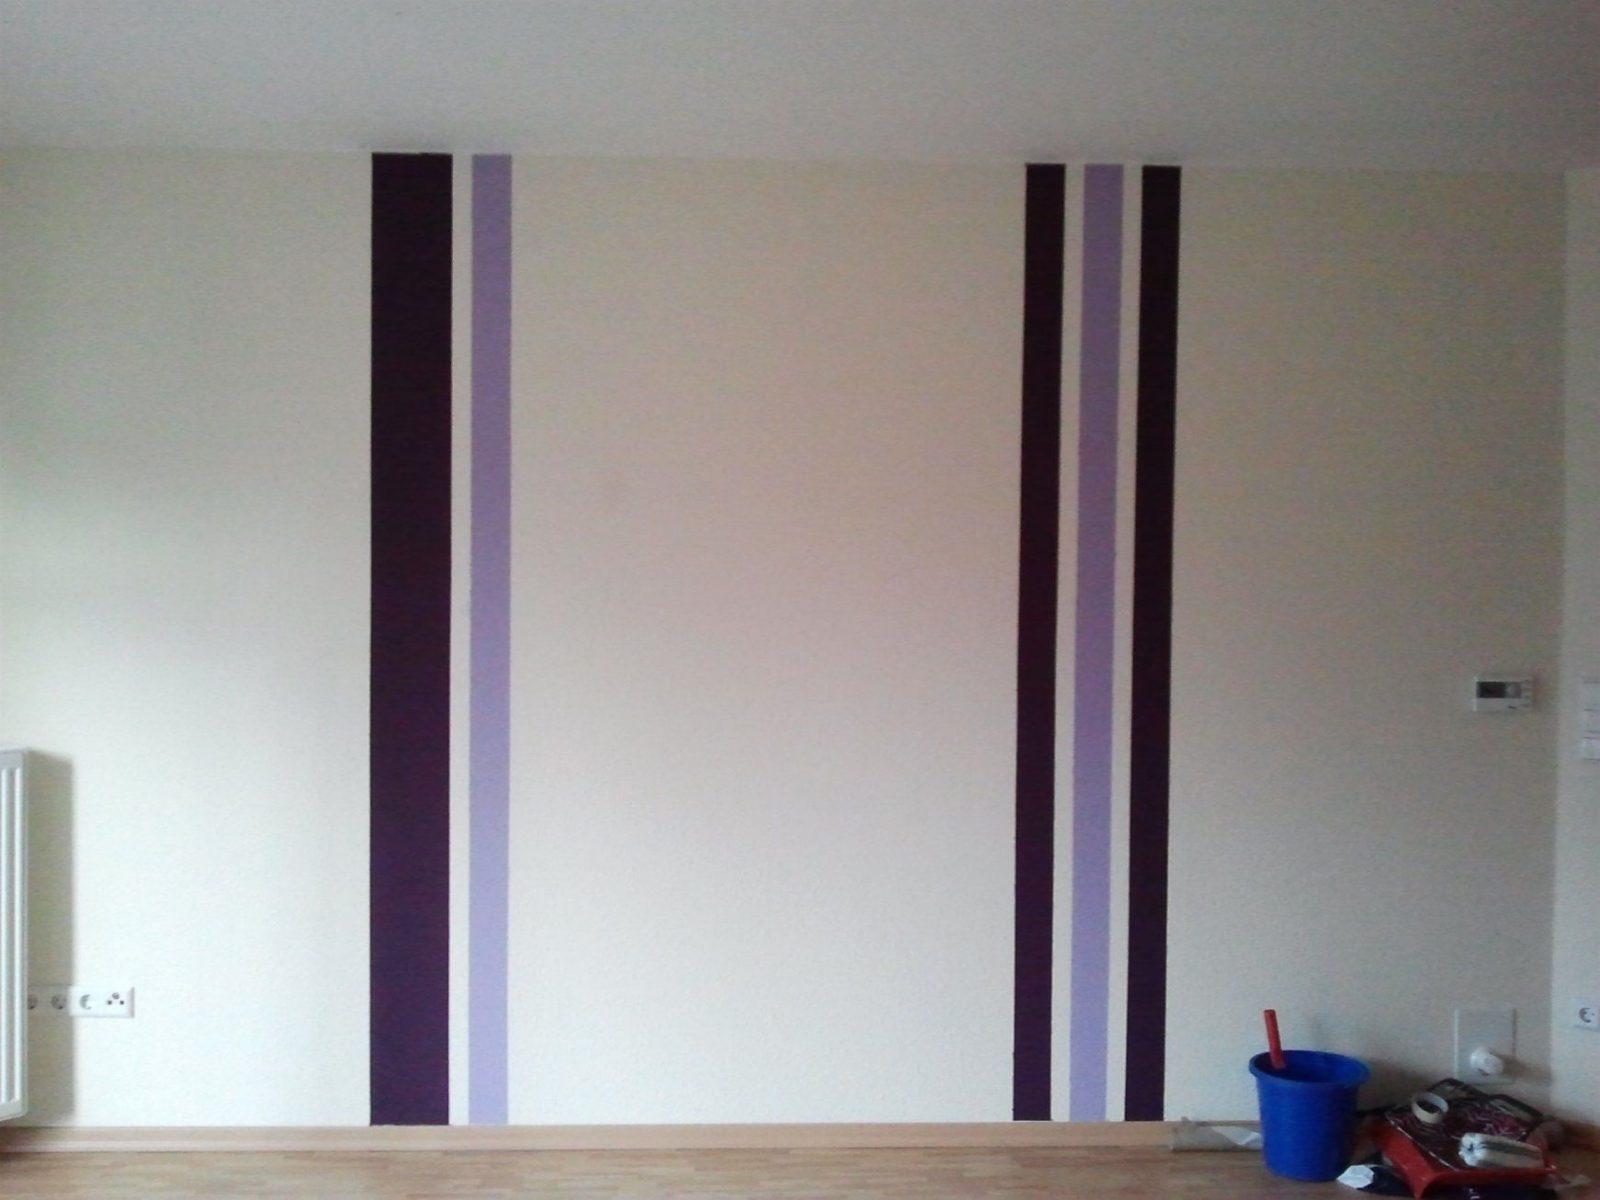 Innovation Inspiration Streifen An Der Wand Malen  Home Design Ideas von Streifen An Der Wand Photo